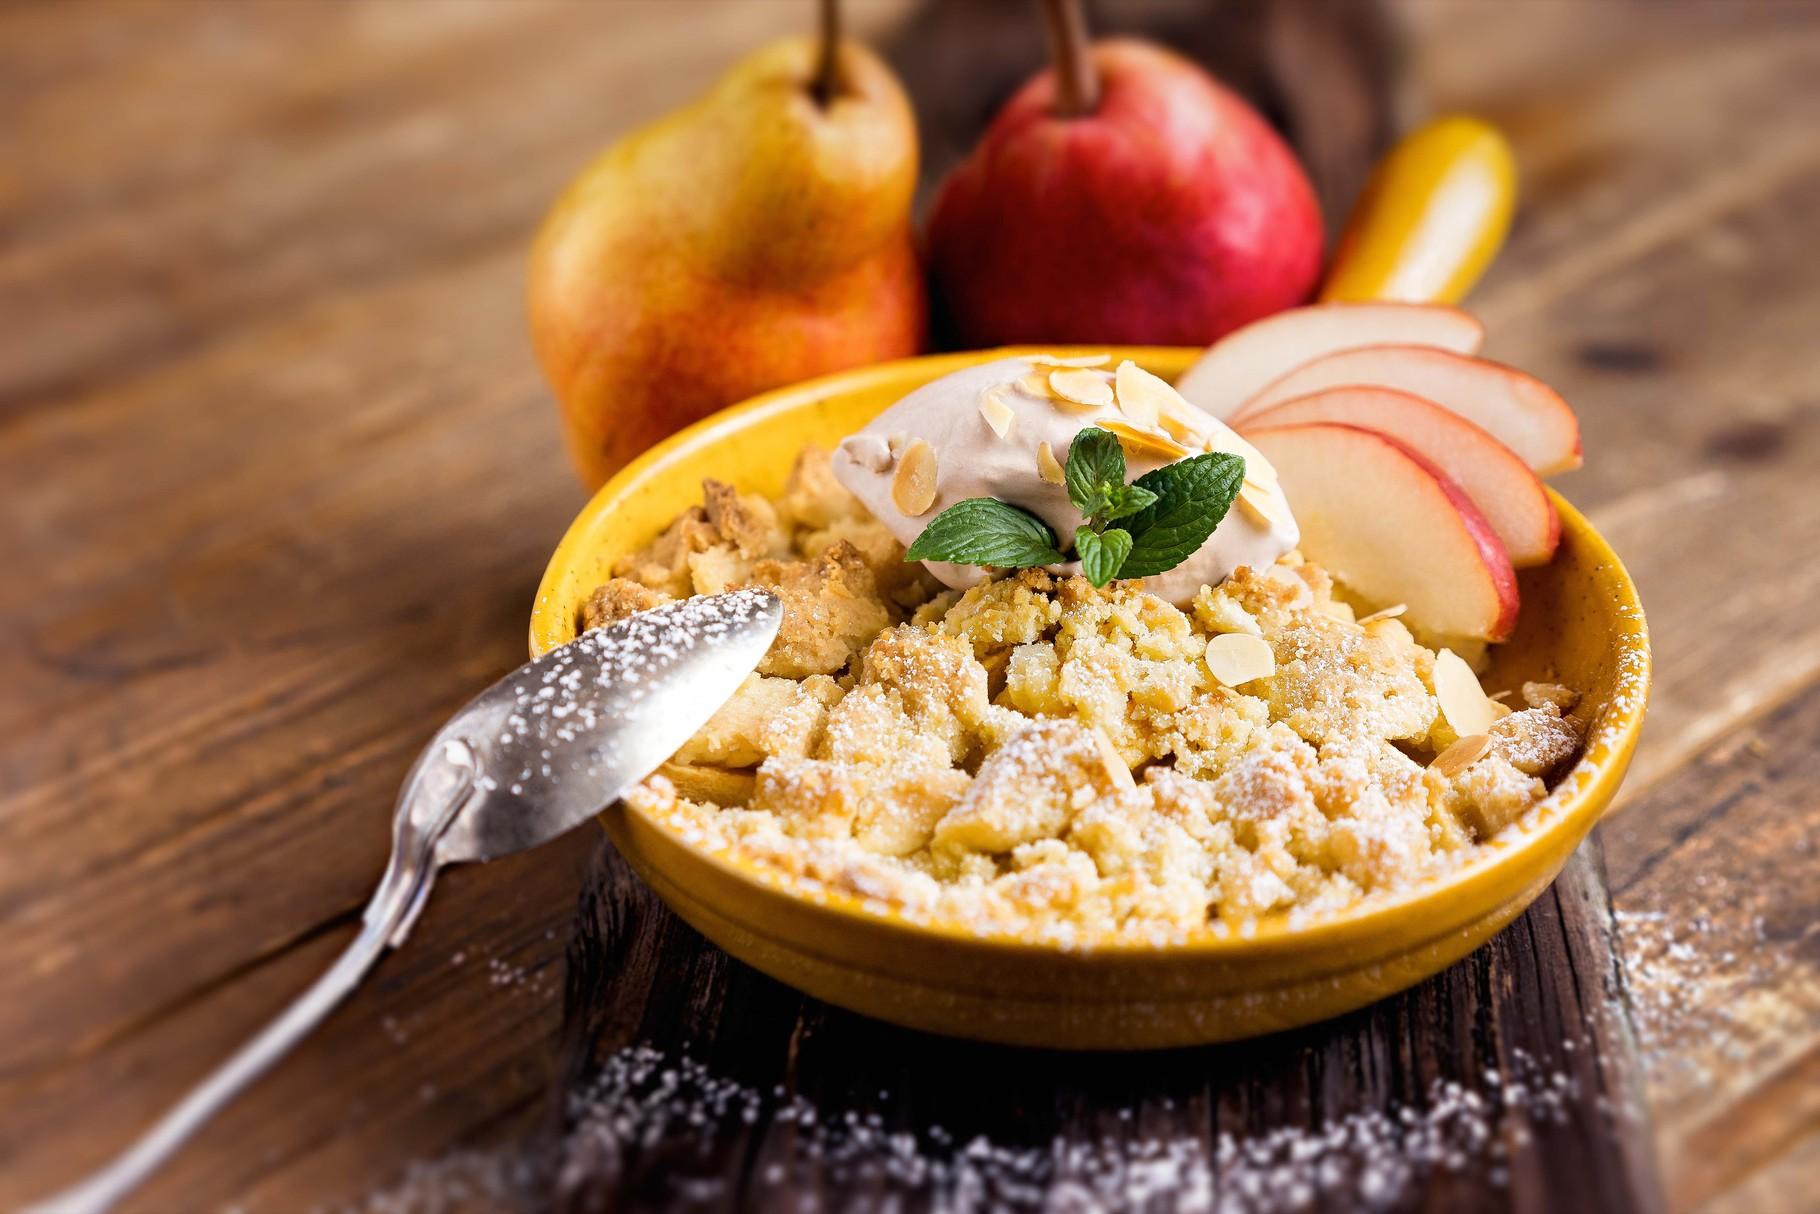 Food-Fotografie Dessert Apfel-Crumble, aufgenommen beim Food-Fotografie-Worhshop am 04.10.2016